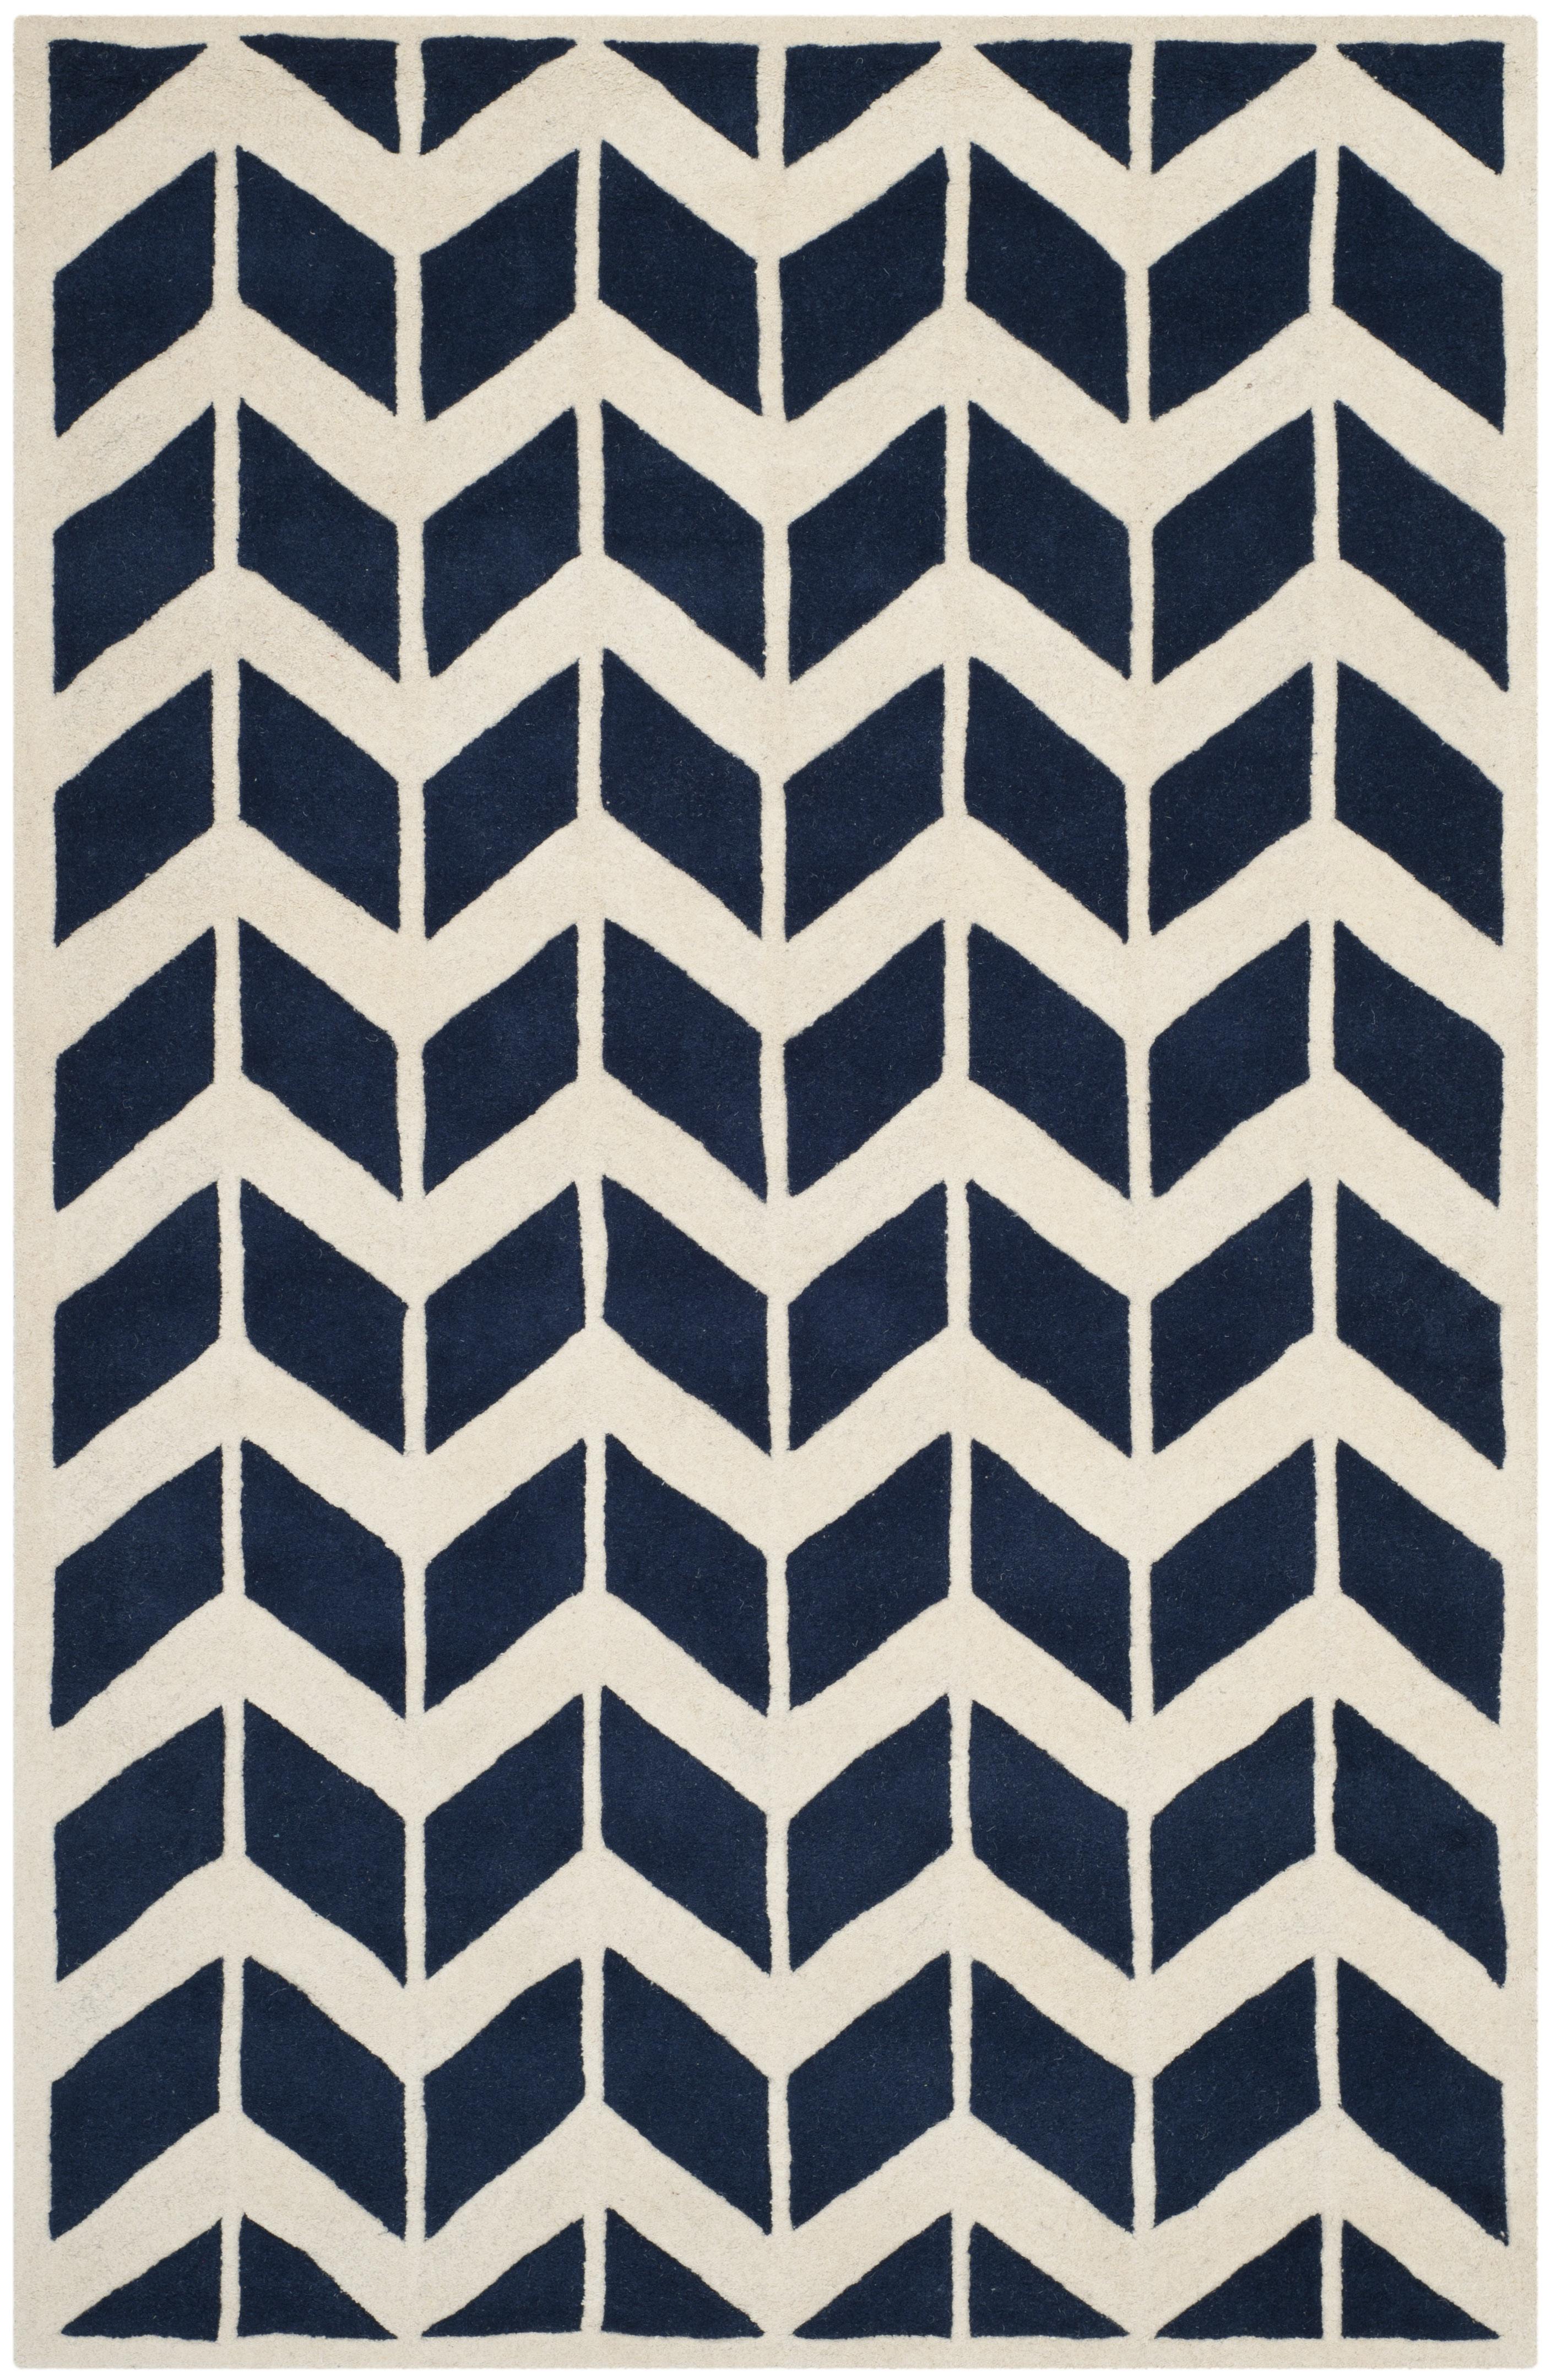 Tapis de salon moderne  bleu foncé et ivoire 182x274